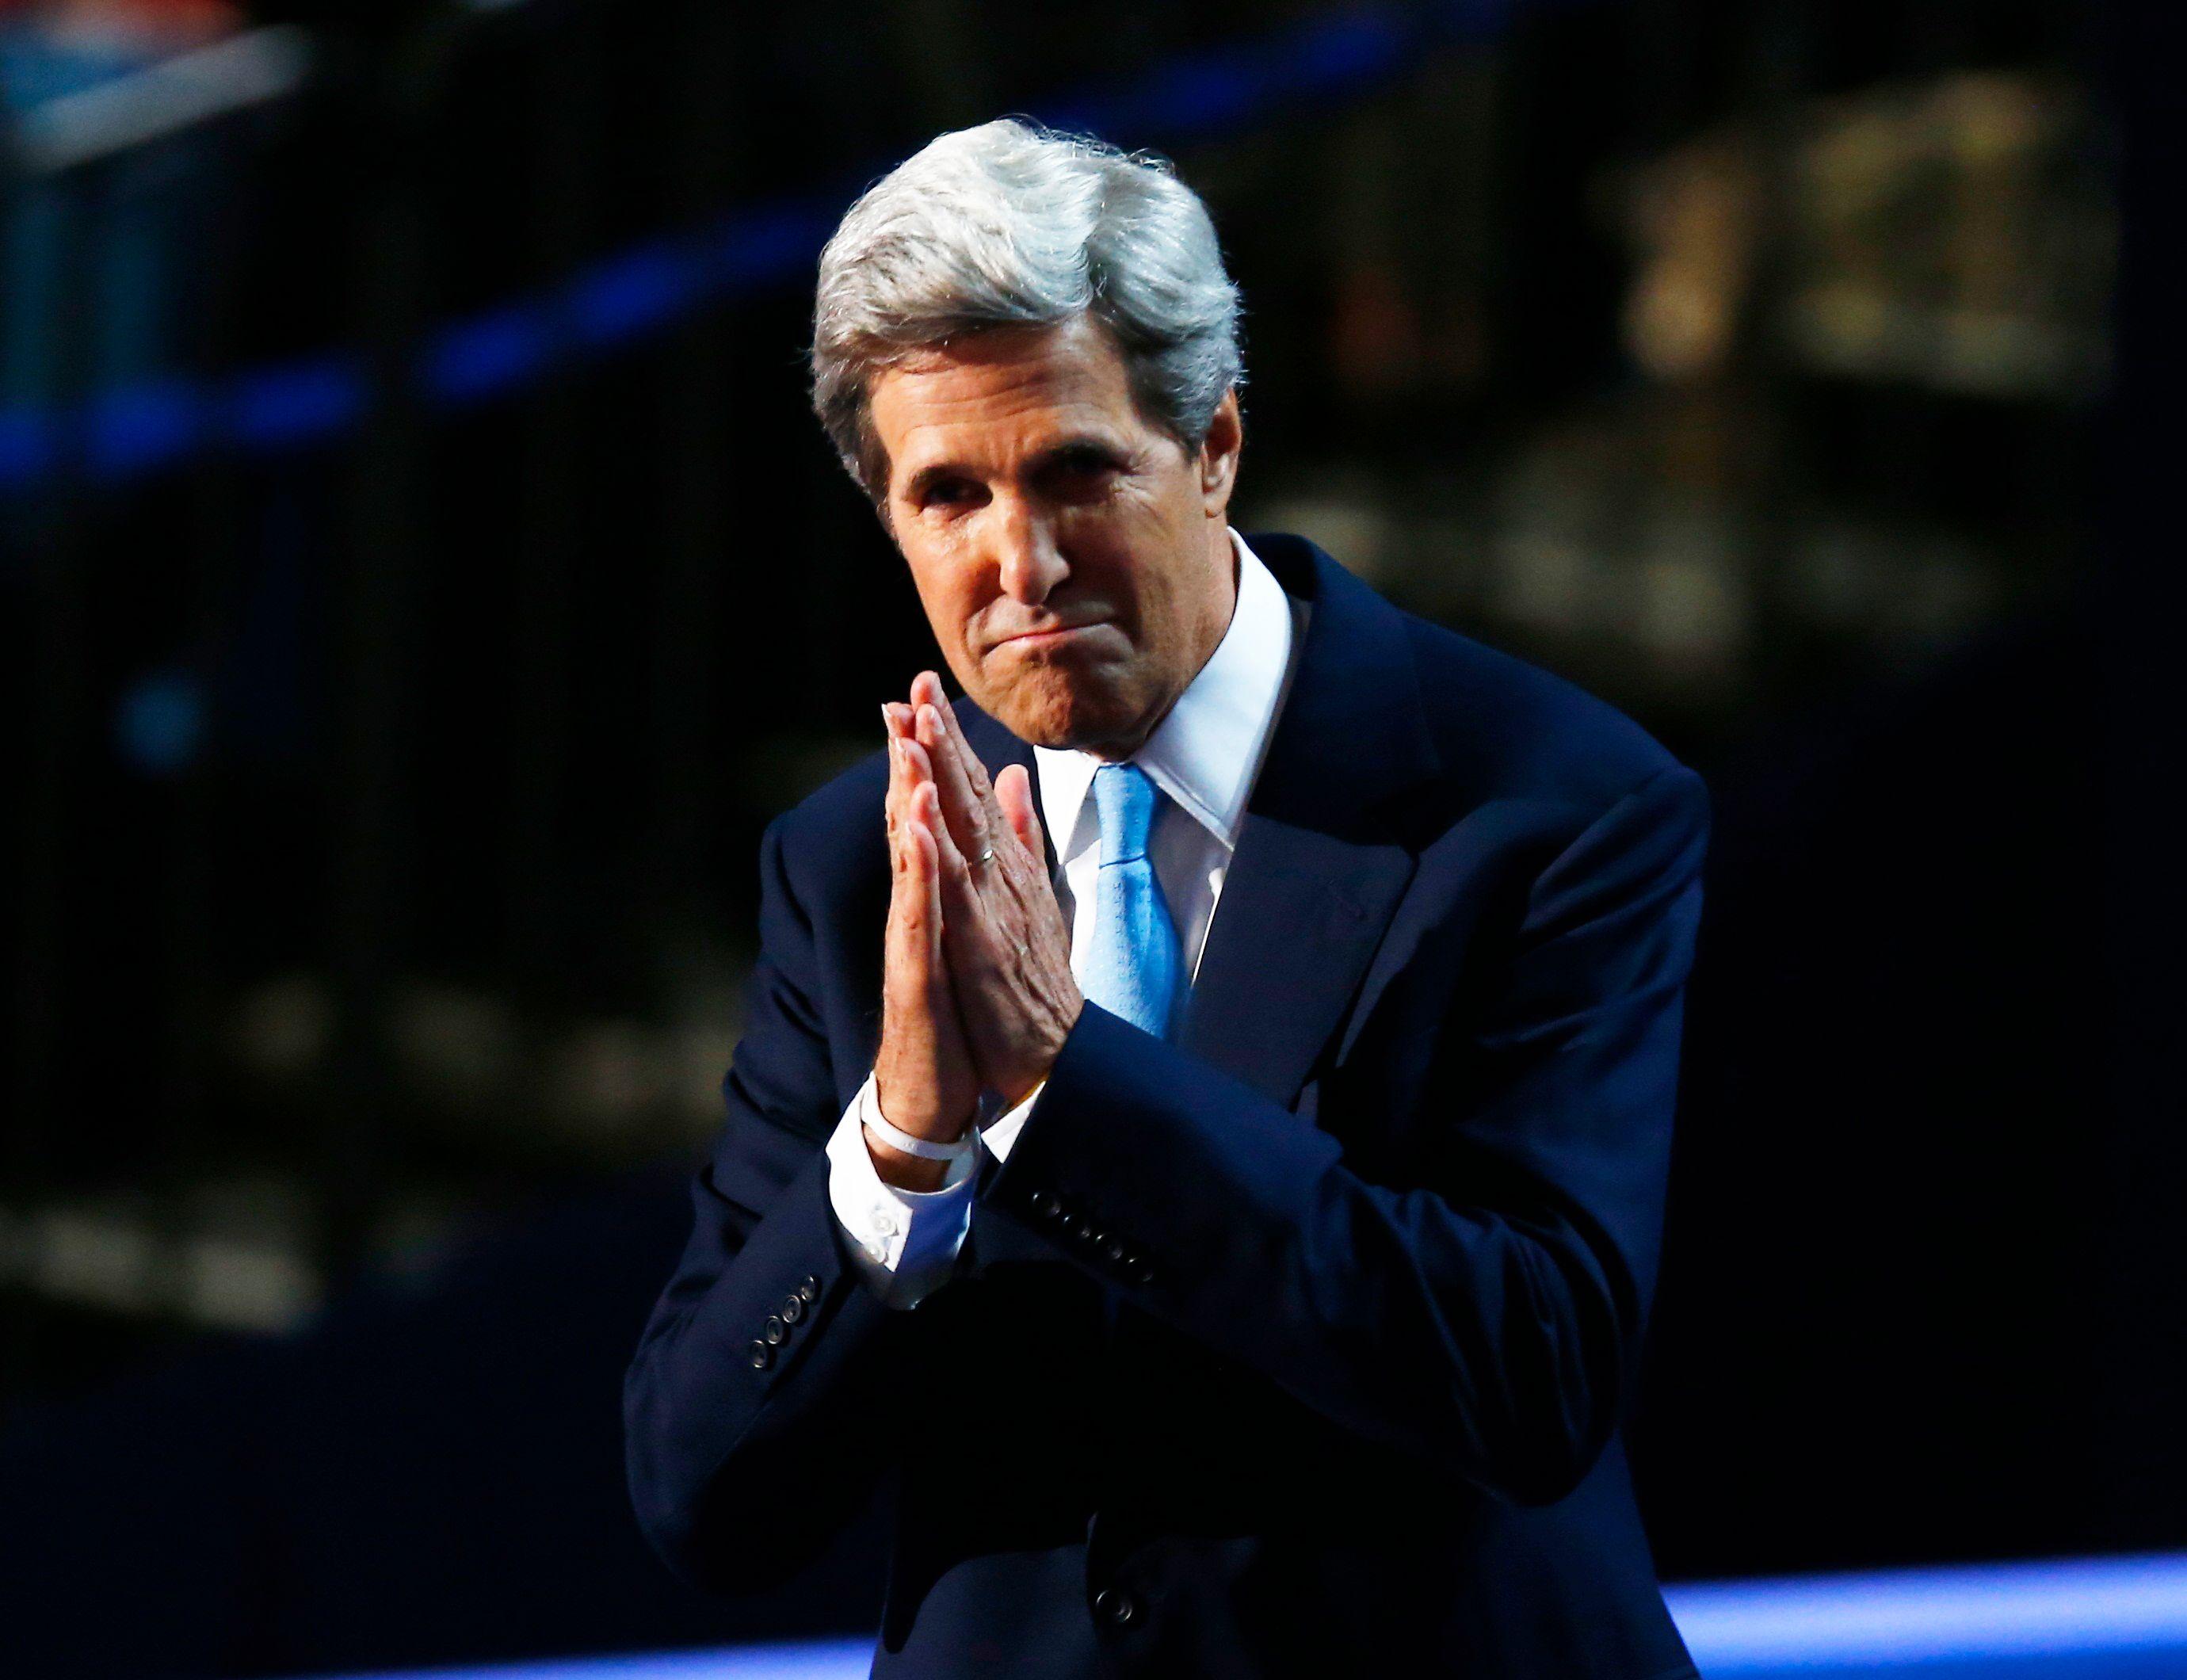 Conflit israélo-palestinien : selon John Kerry, seule une solution à deux États permettra la paix